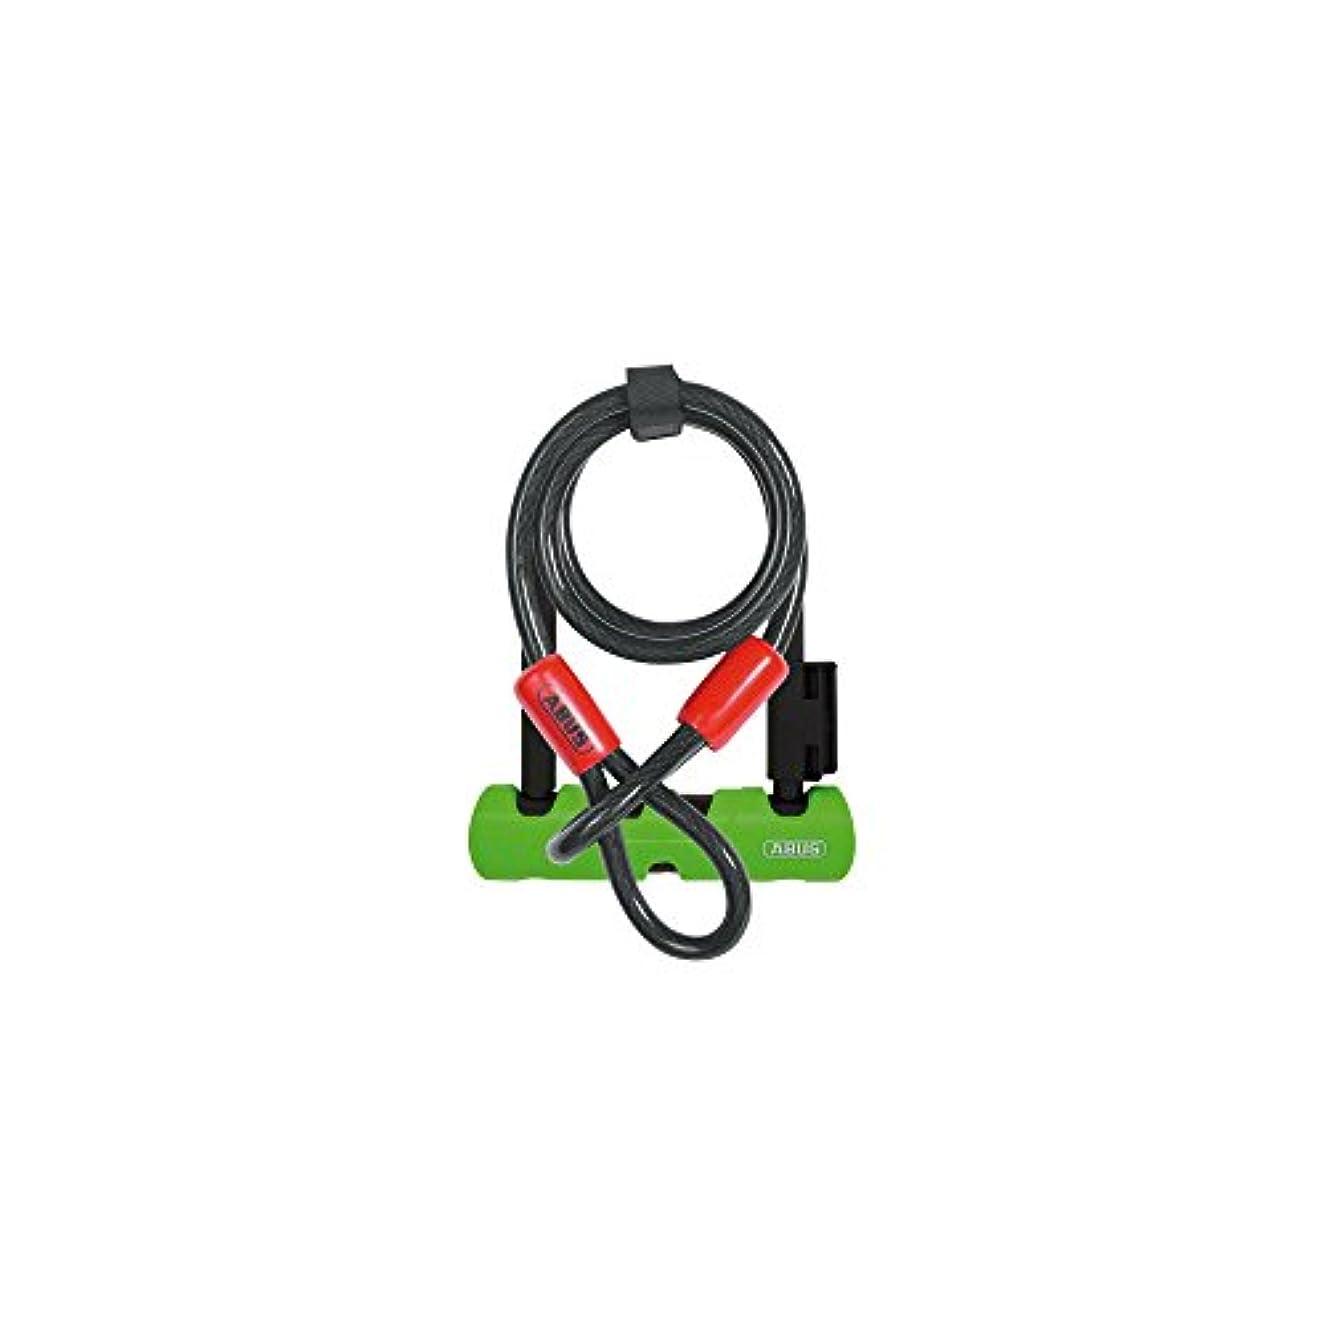 ビルダーつぼみ通りABUS 鍵付き U-Lock Ultra Mini 410 Plus コブラケーブル 5.5インチ シャックル ブラック